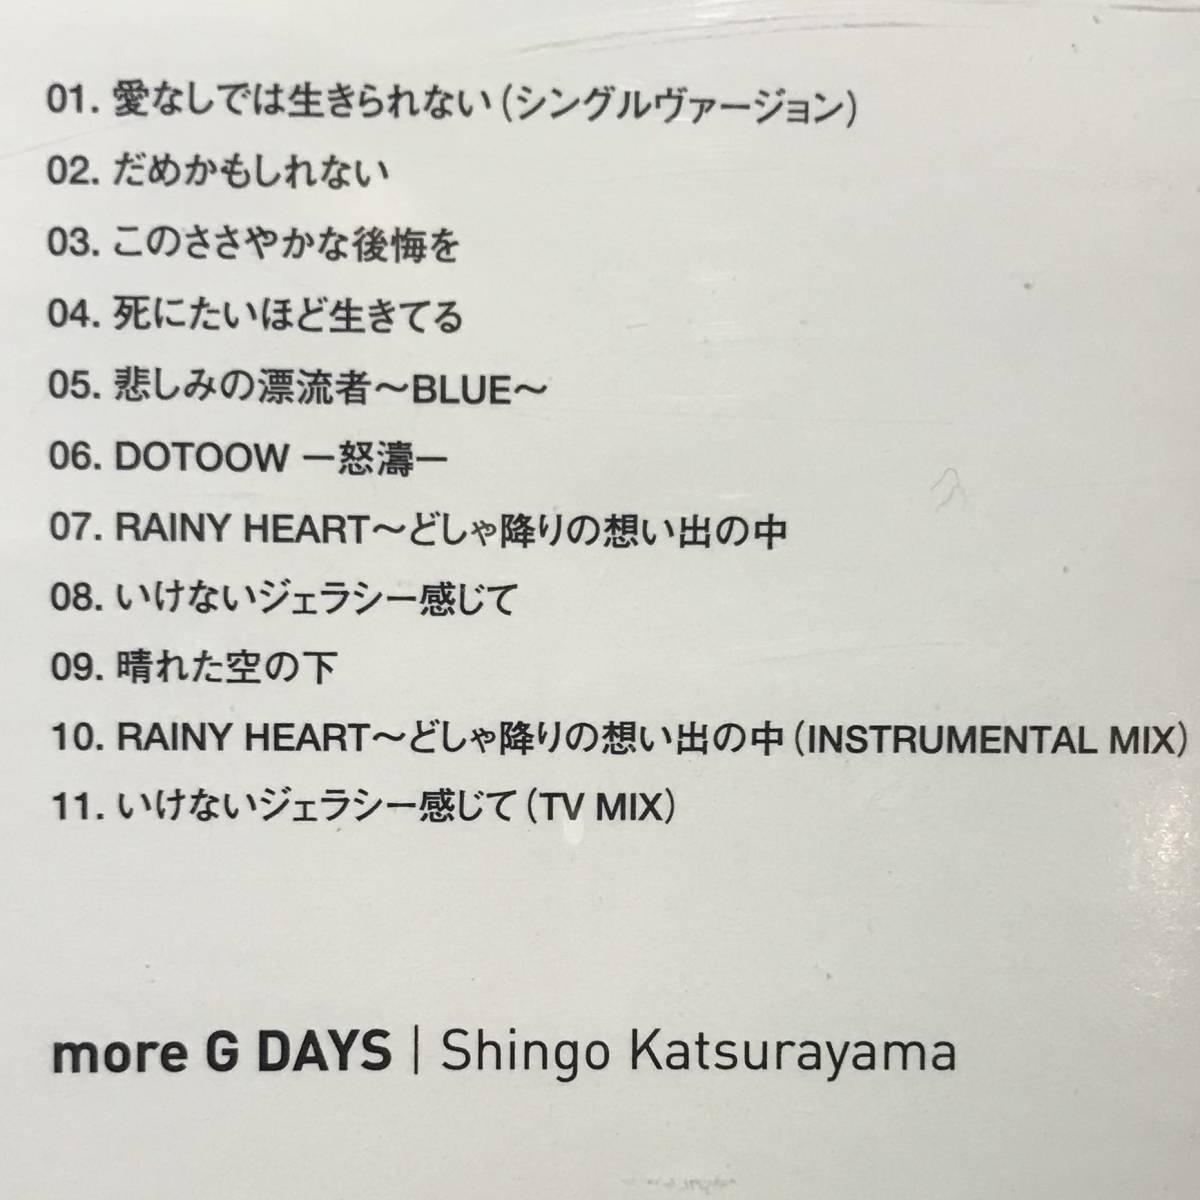 葛山信吾■3枚組CD-BOX【green DAYS】青春の旅路 Hello Tokyo more G DAYS_画像3